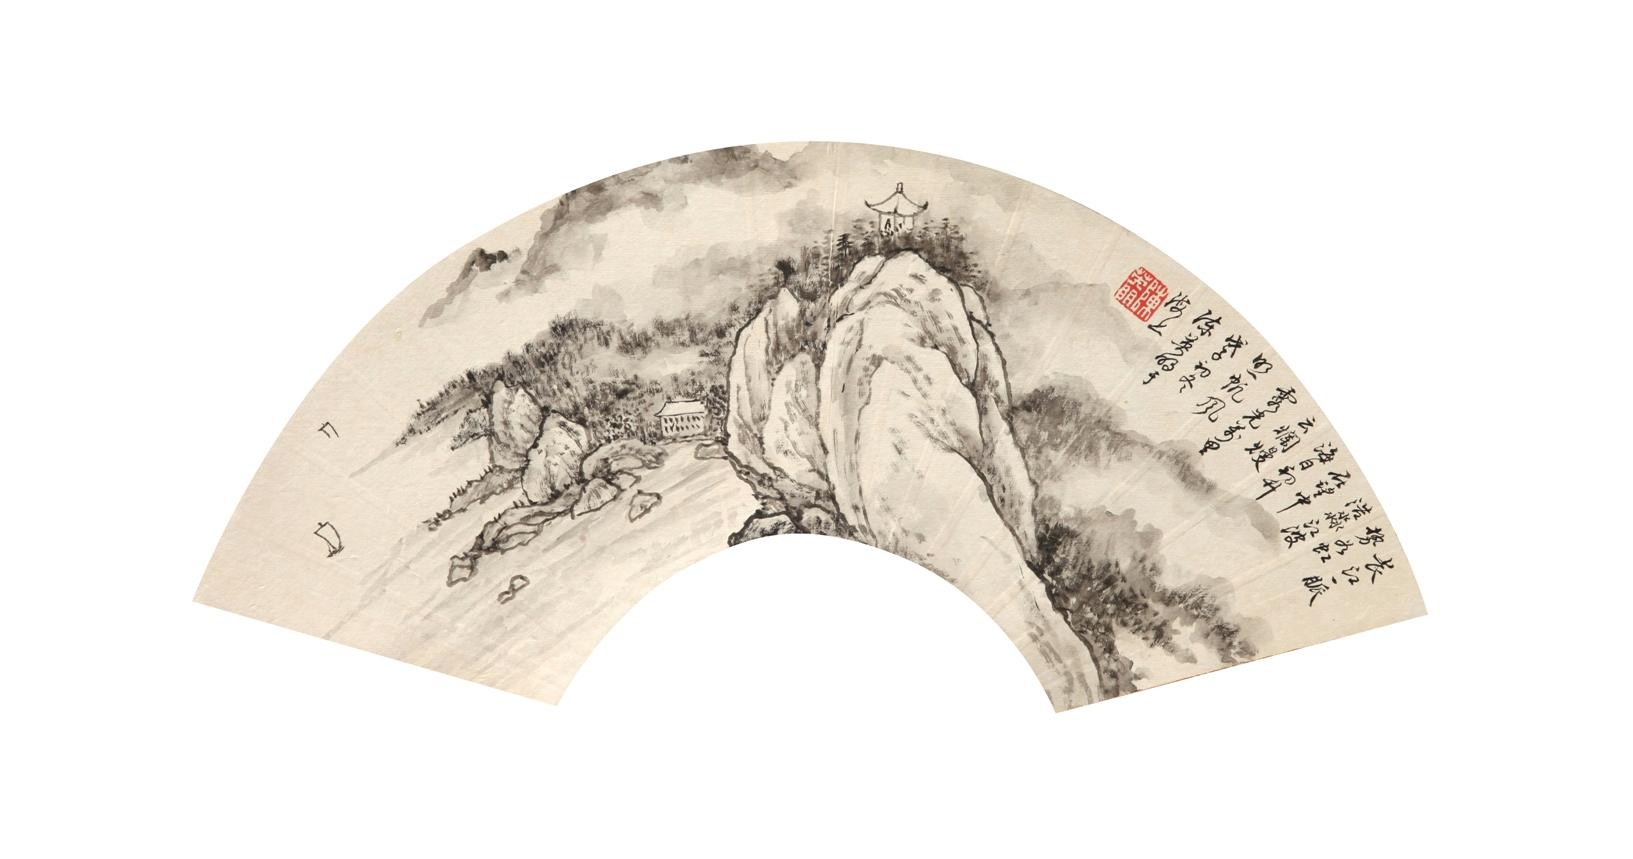 Cai Shi Ji